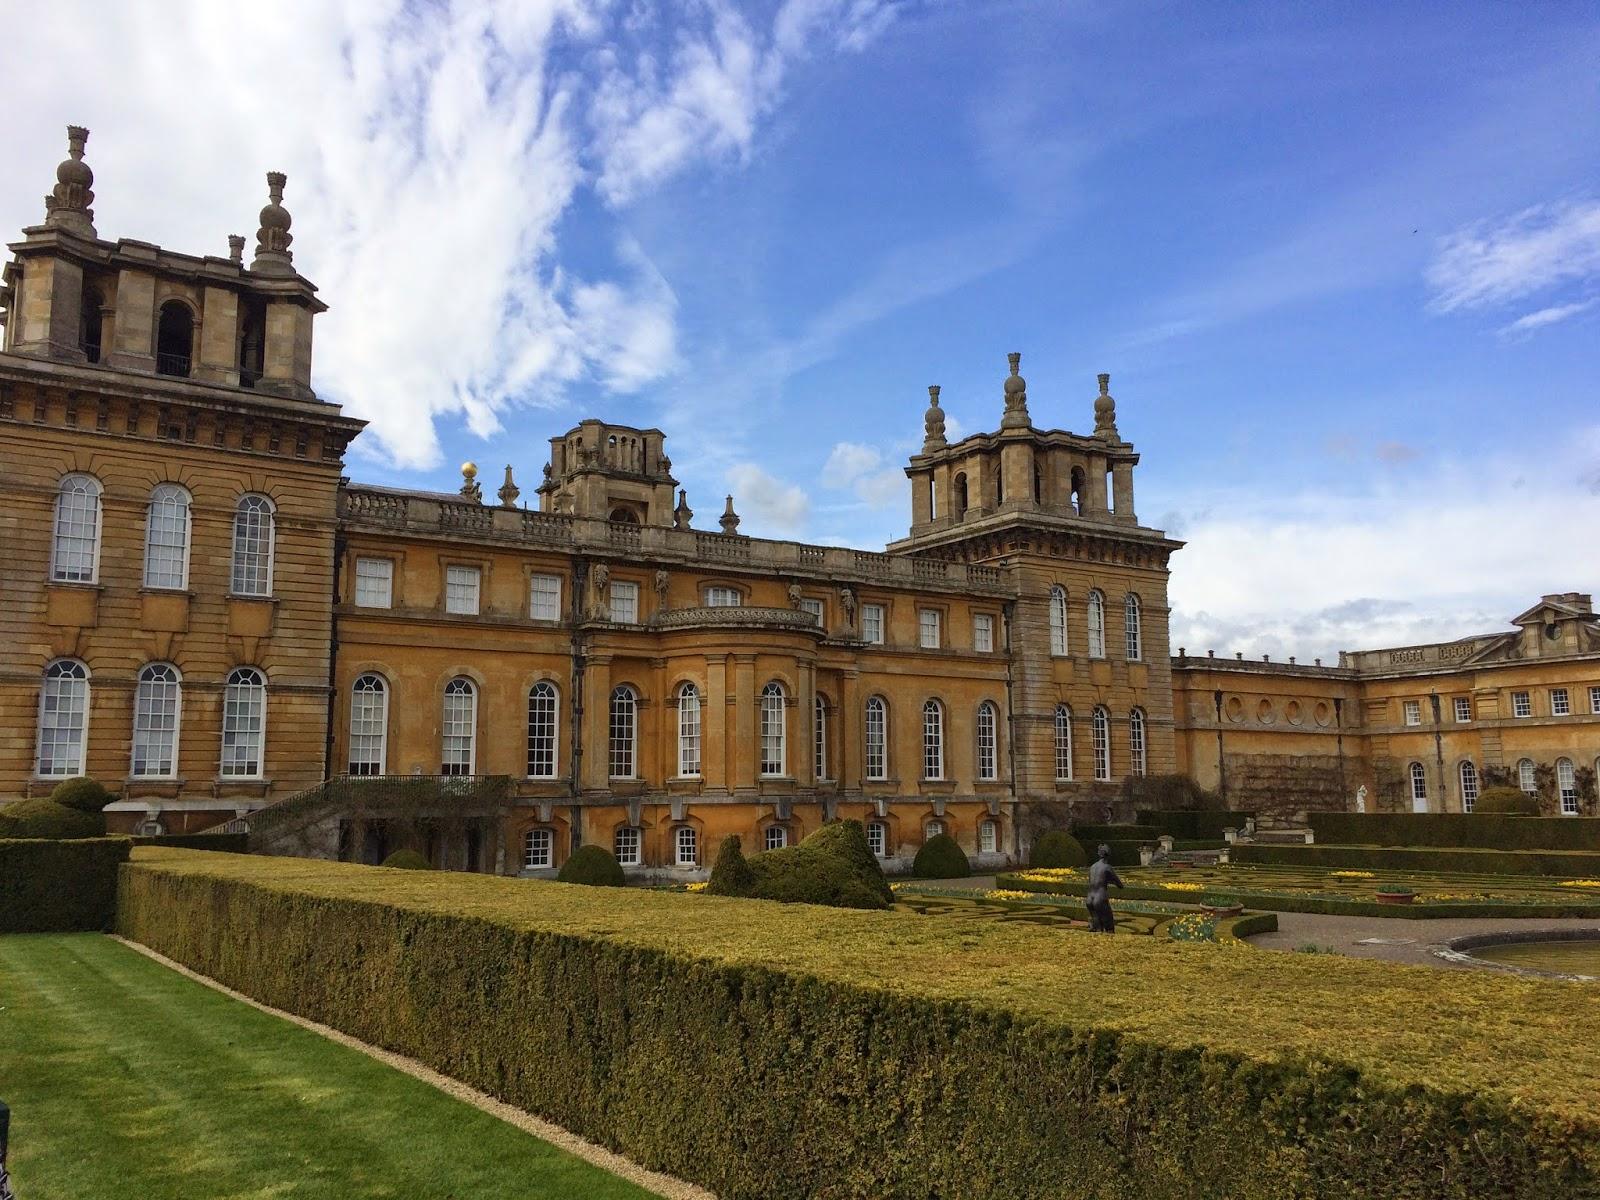 Palace Exterior